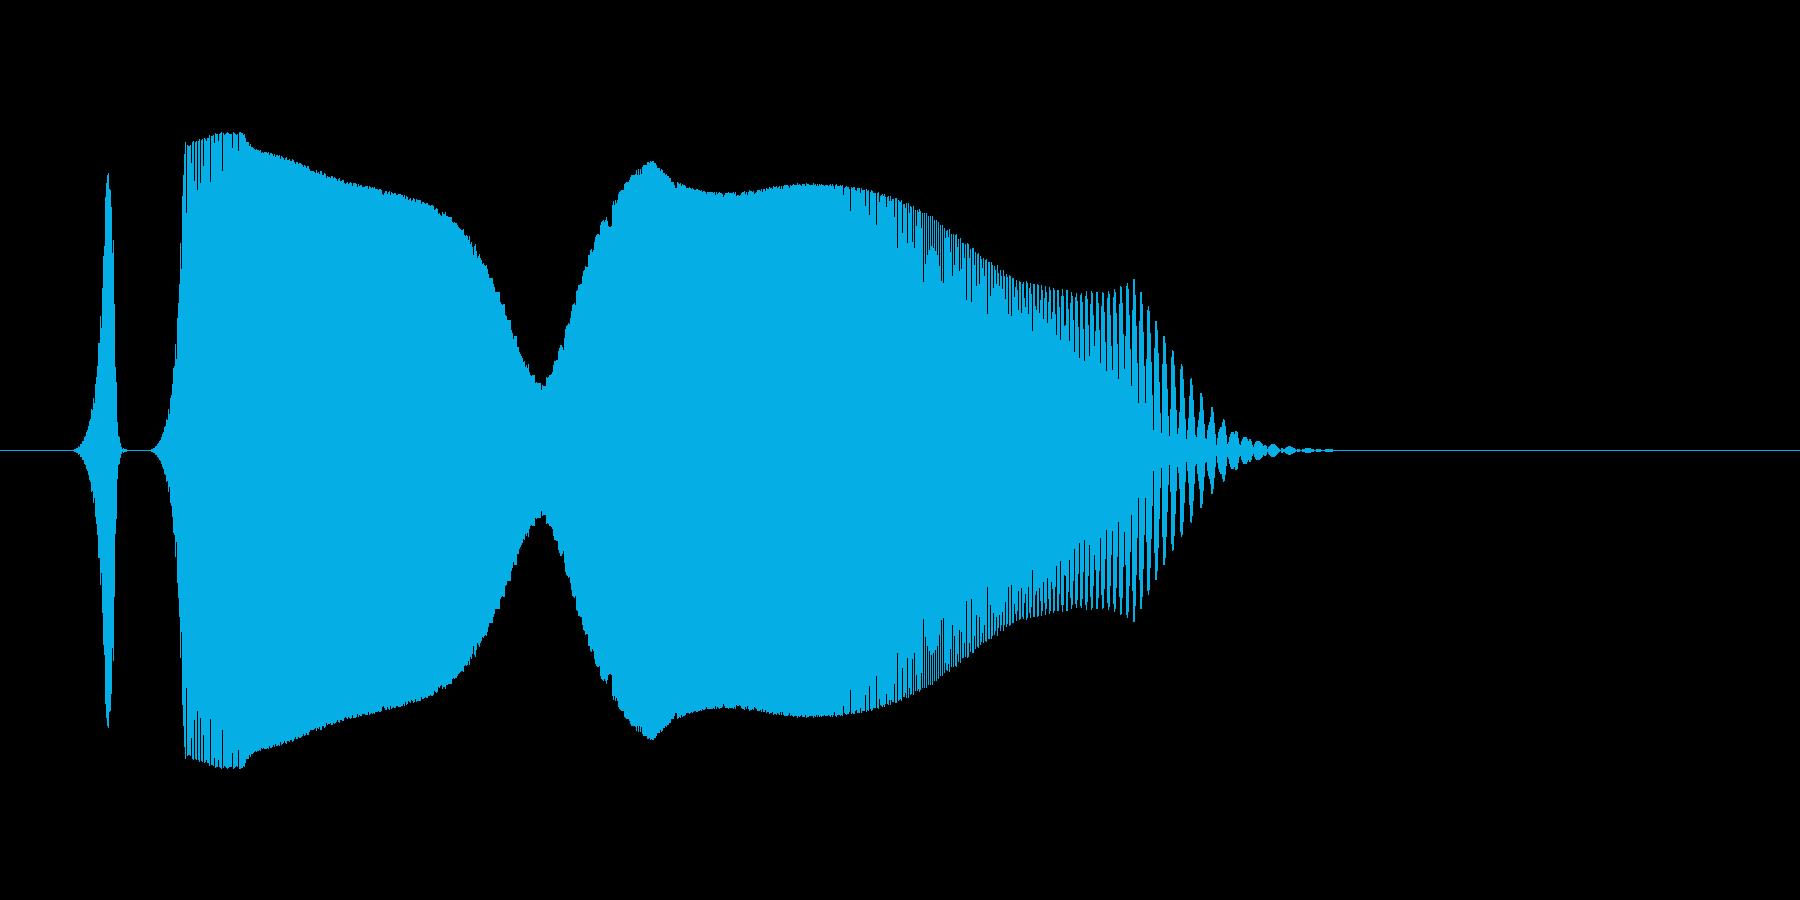 シンセ音。スワイプなど。「ヒュイッ」の再生済みの波形